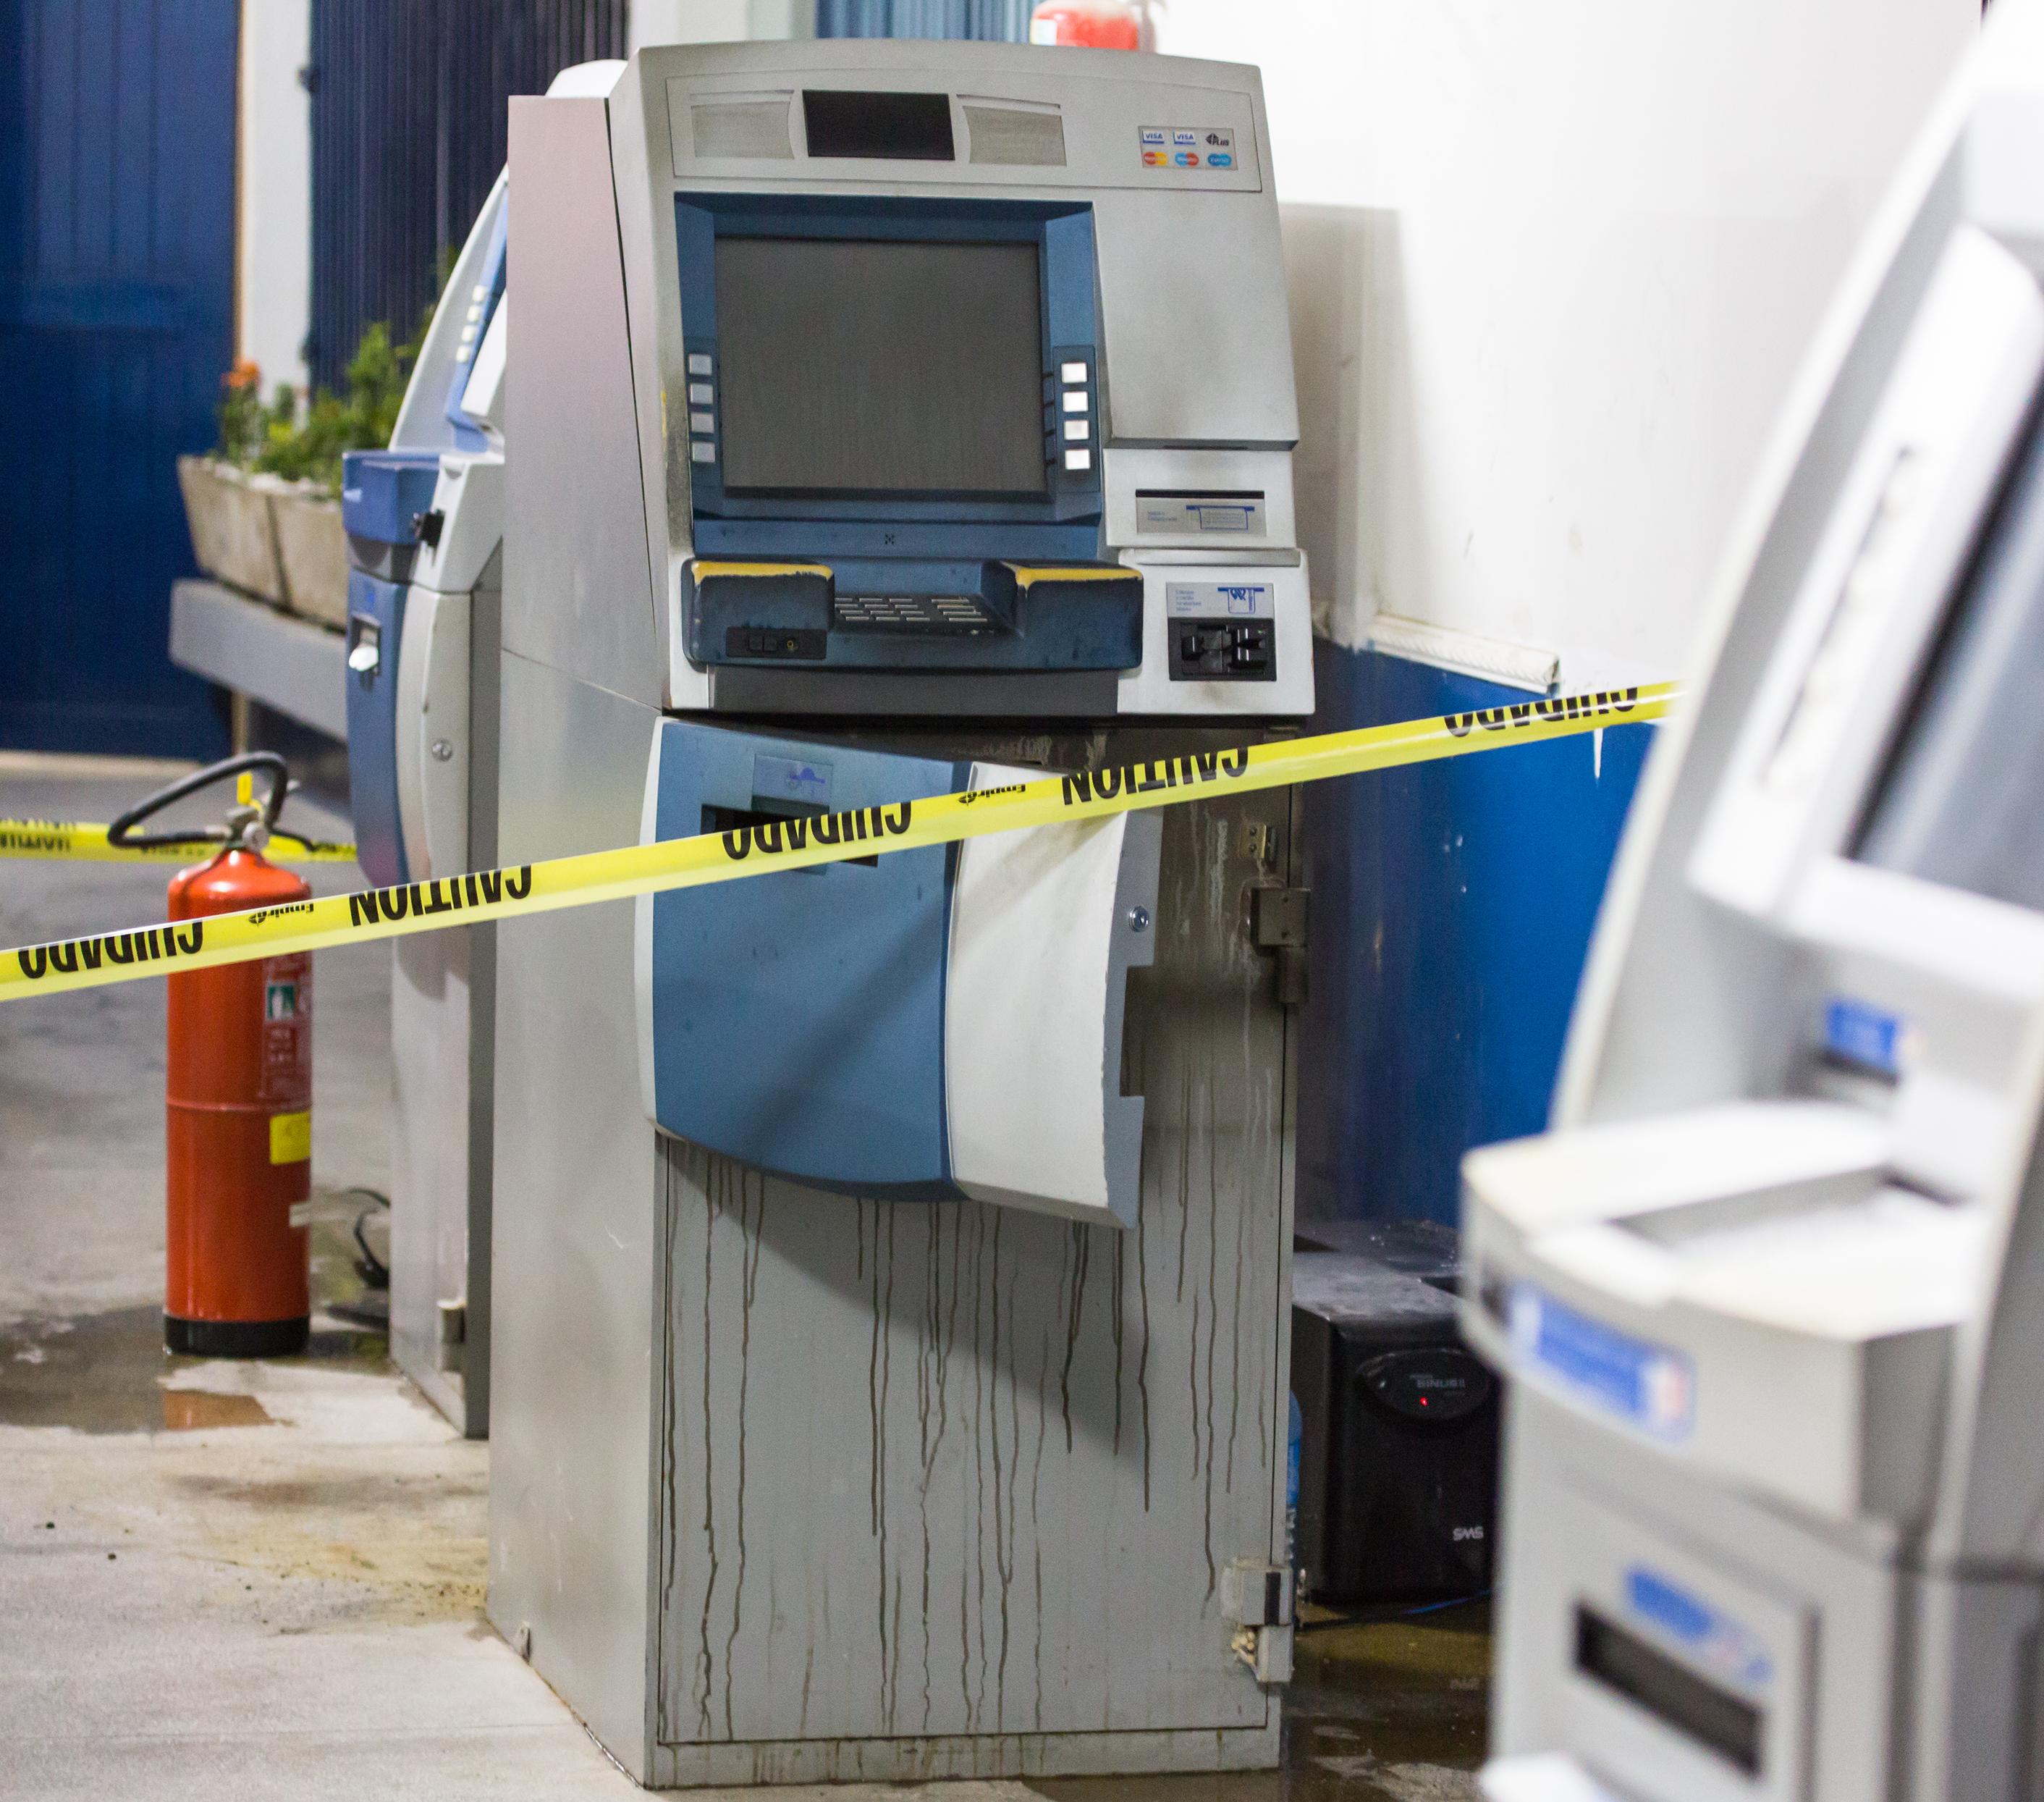 Segurança - Violência roubo furto explosão caixa eletrônico dinamite